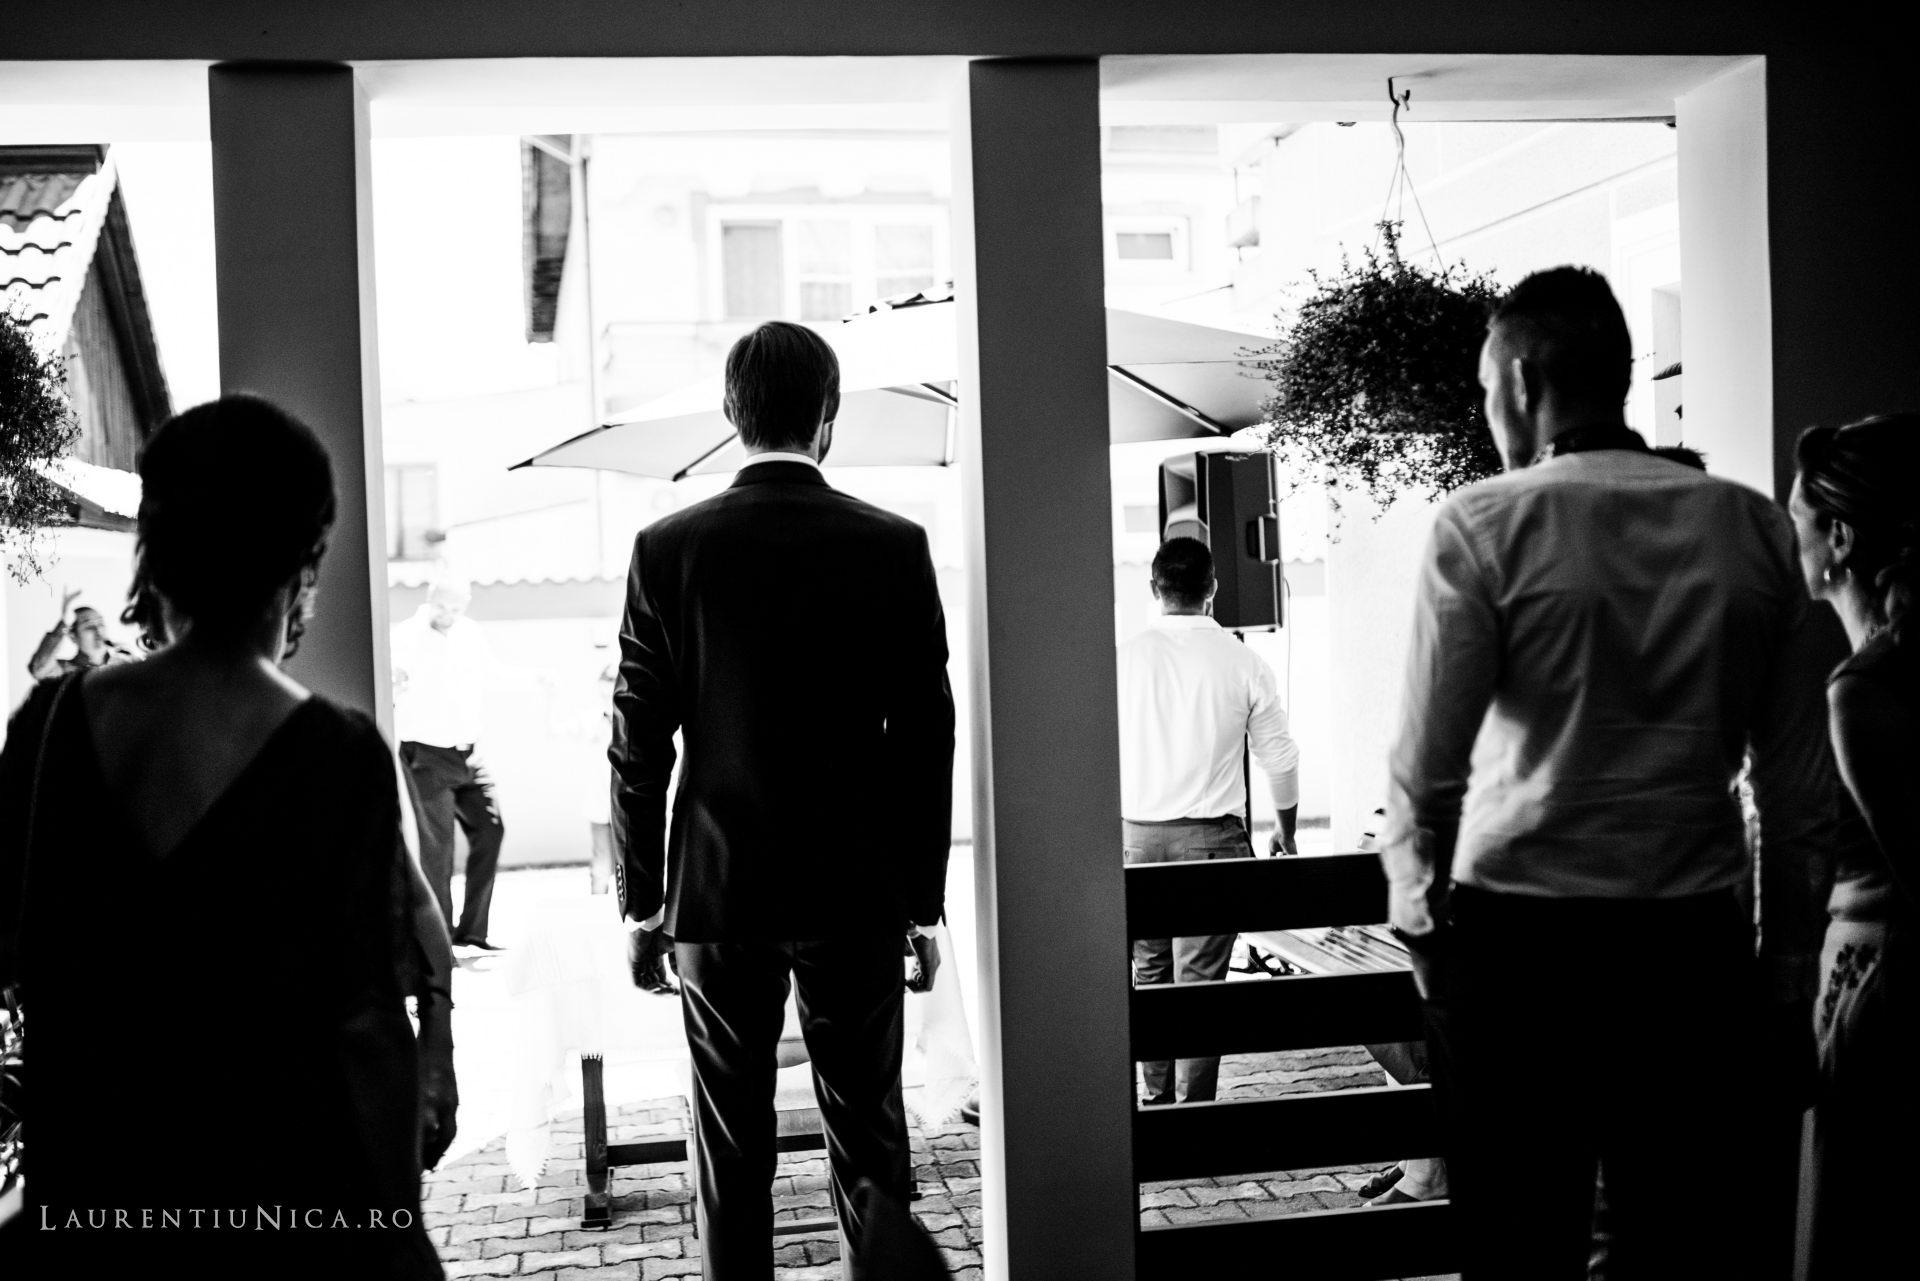 Cristina si Ovidiu nunta Craiova fotograf laurentiu nica 045 - Cristina & Ovidiu | Fotografii nunta | Craiova